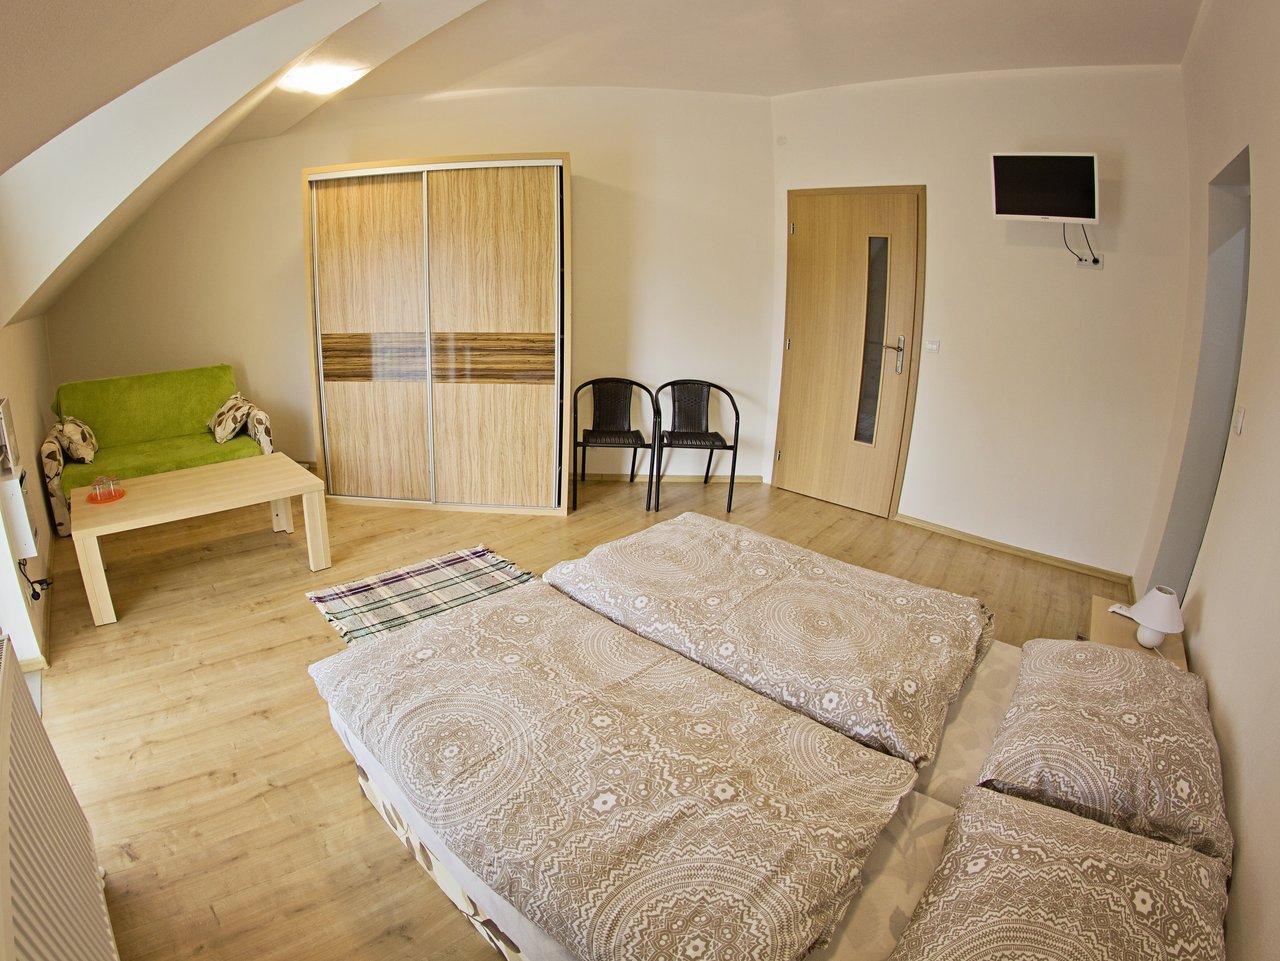 ubytovanie privát Vila Lesana, Vysoké Tatry, Nová Lesná, Podhorie